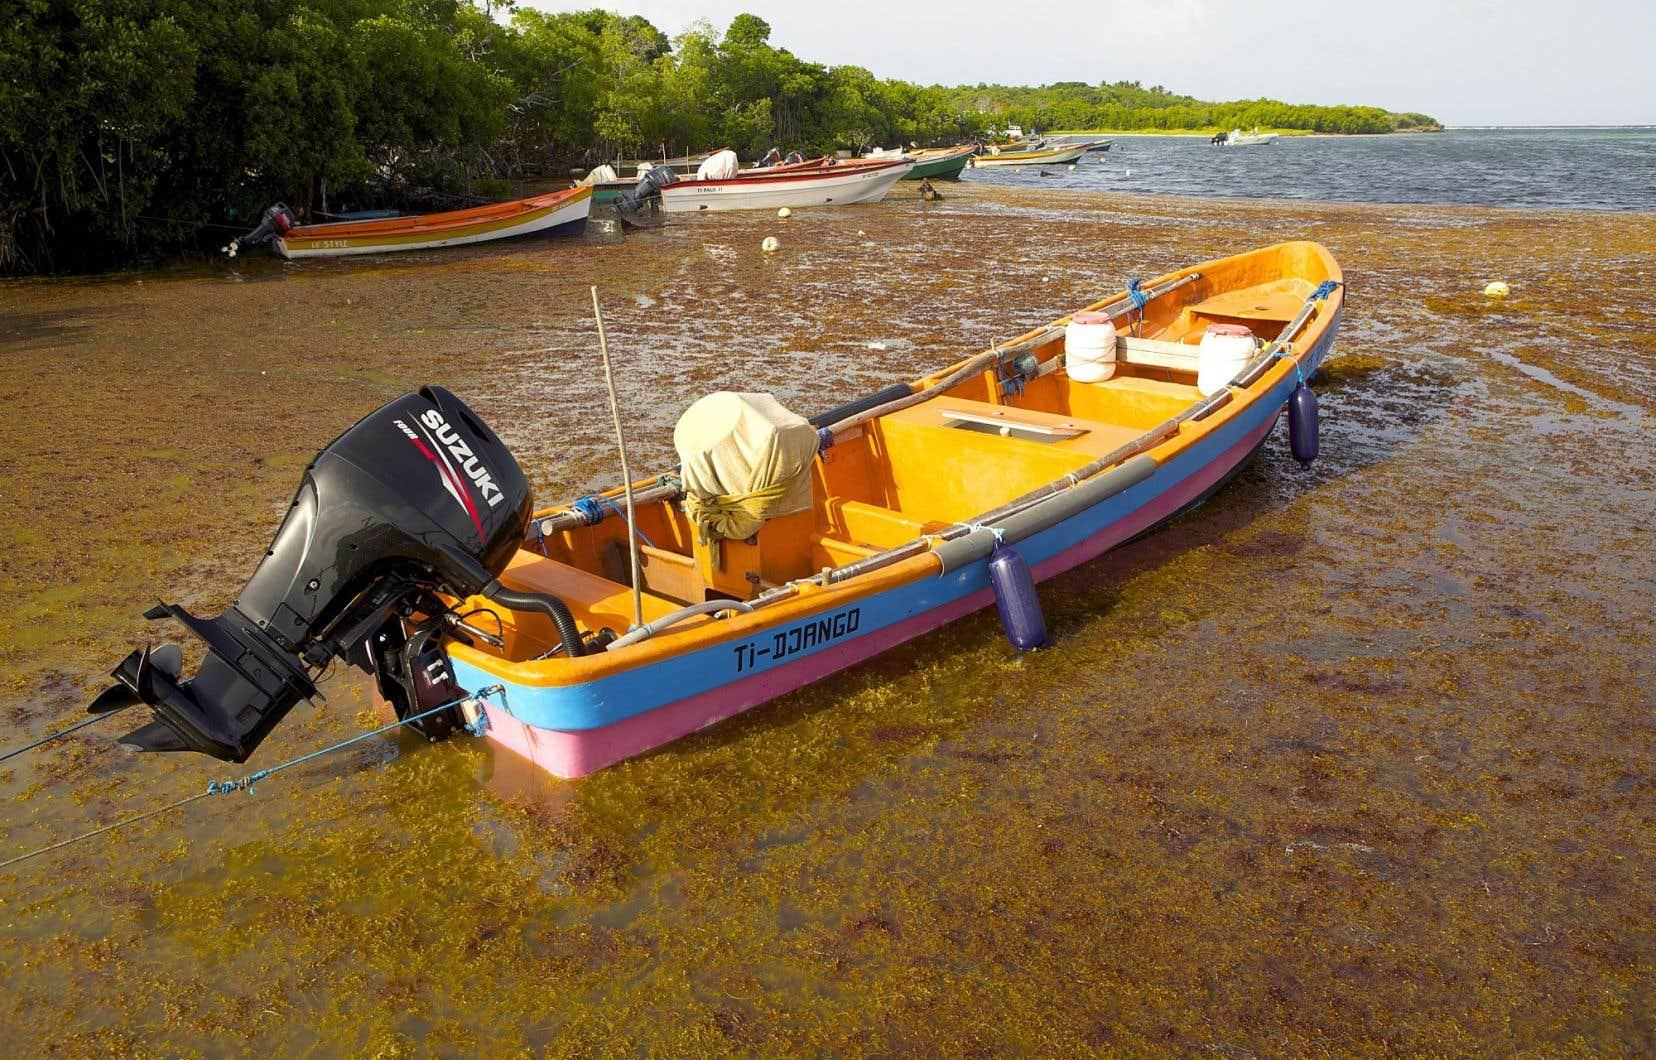 Une plage de la commune de Sainte-Anne, en Martinique, envahie par des sargasses, des algues qui dégagent une odeur nauséabonde.